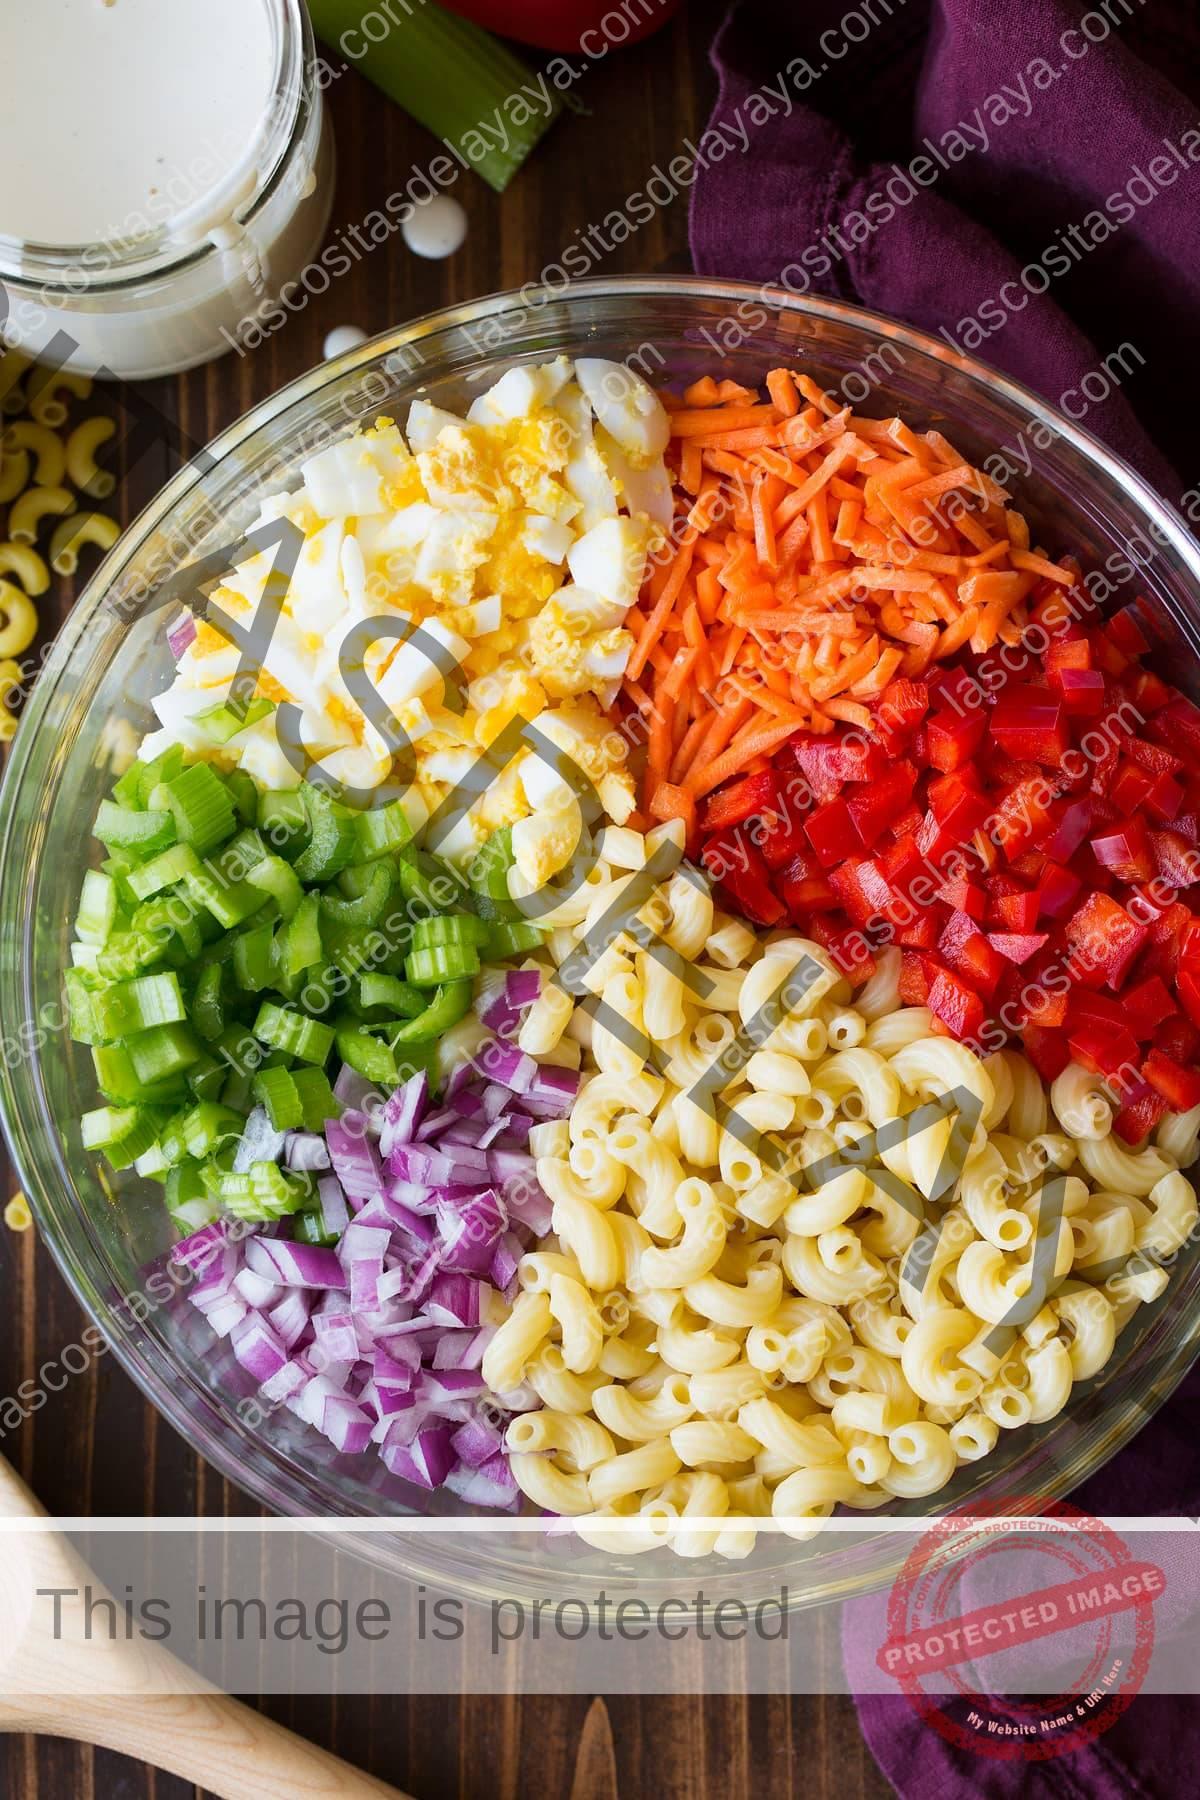 Ingredientes de la ensalada de pasta en un recipiente de vidrio antes de mezclar.